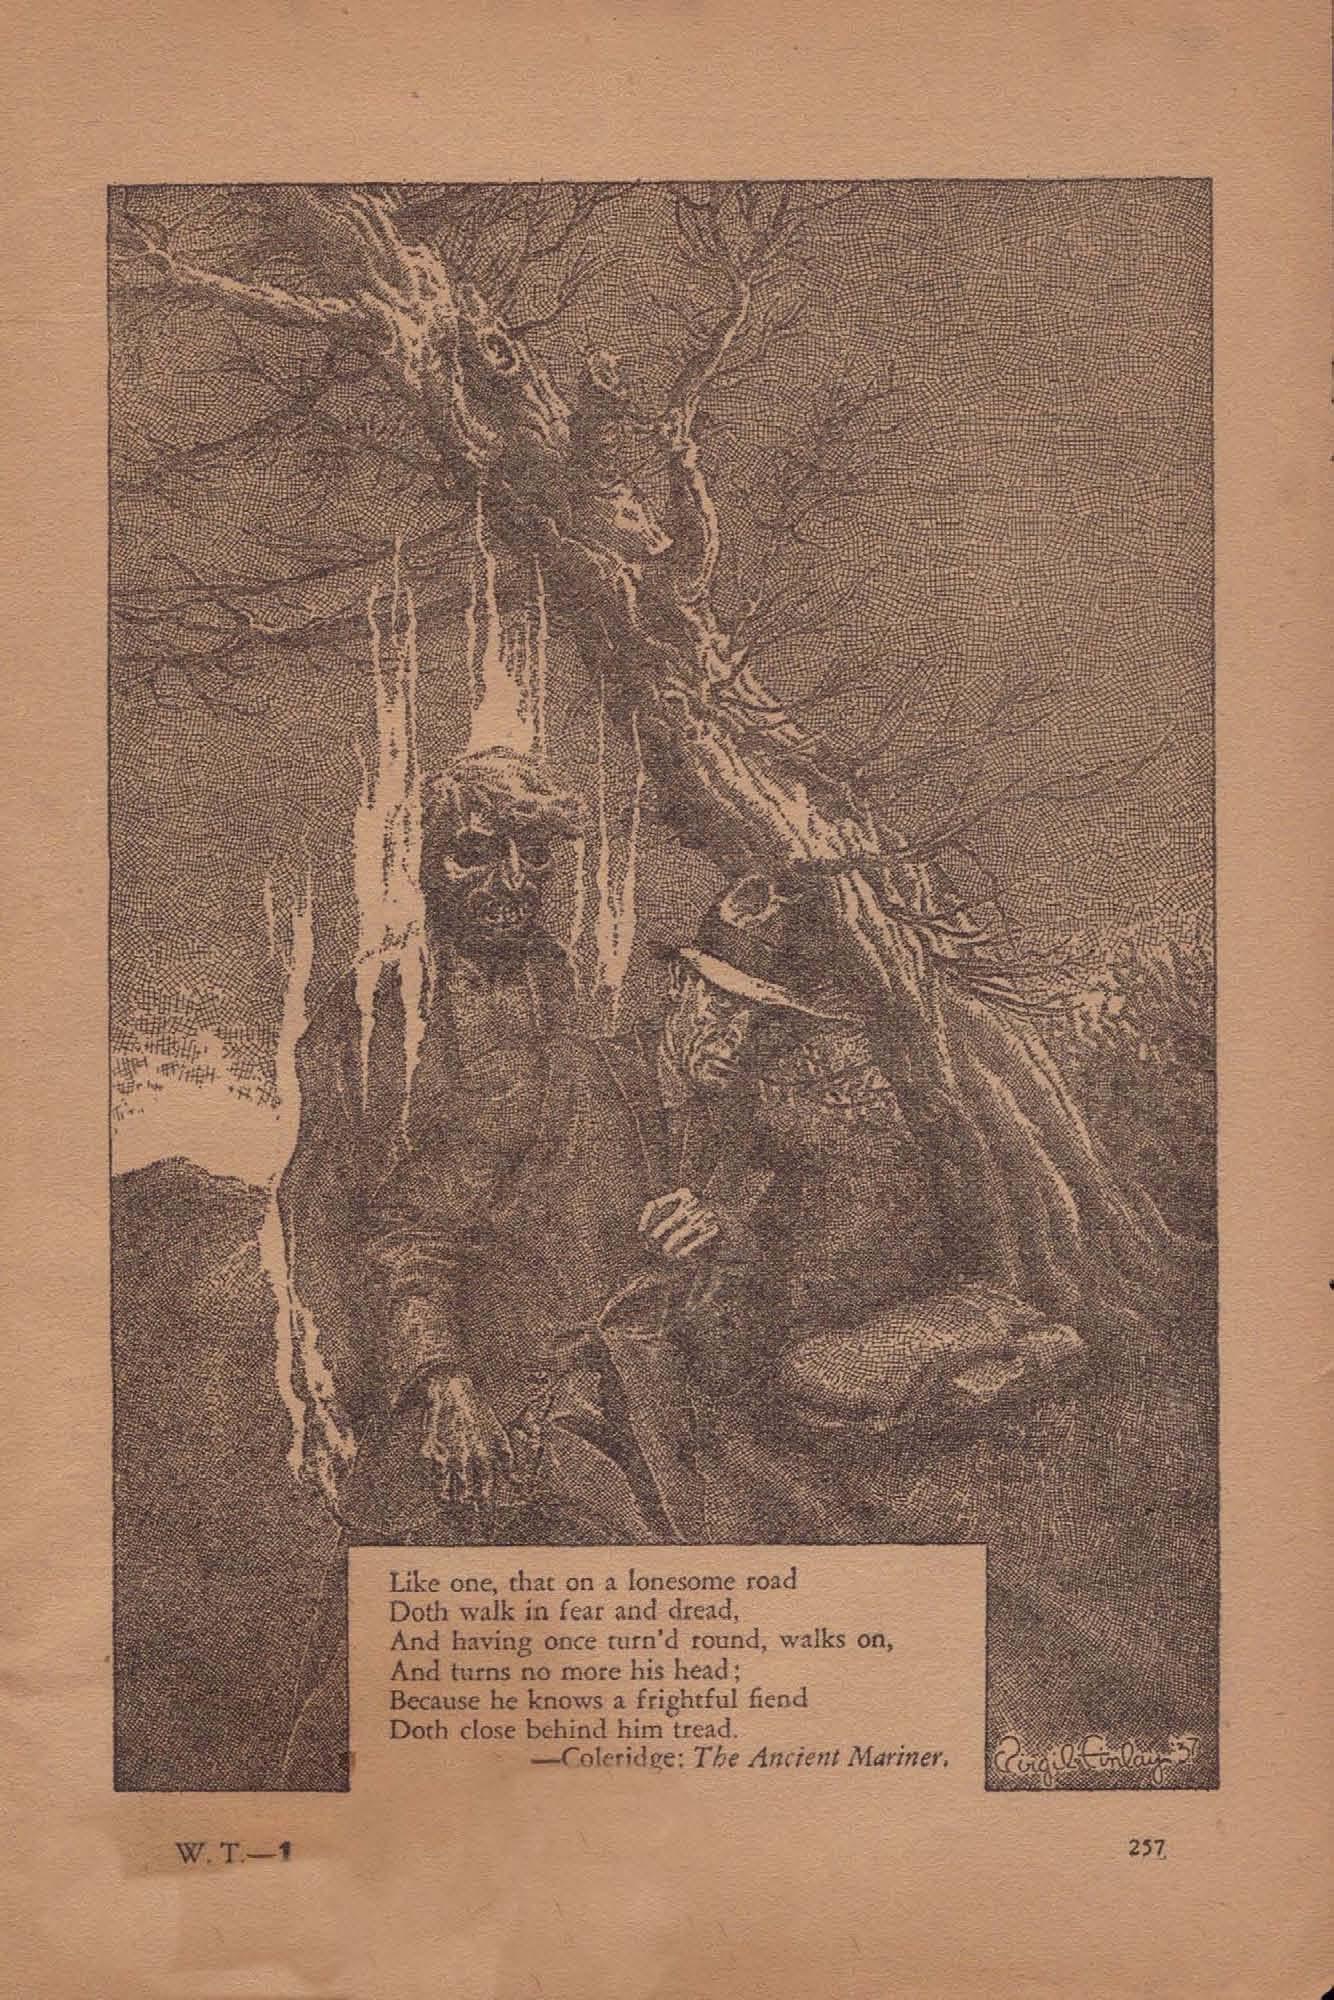 Weird Tales Vol. 31, No. 3 (March 1938), ed. by FARNSWORTH WRIGHT ...